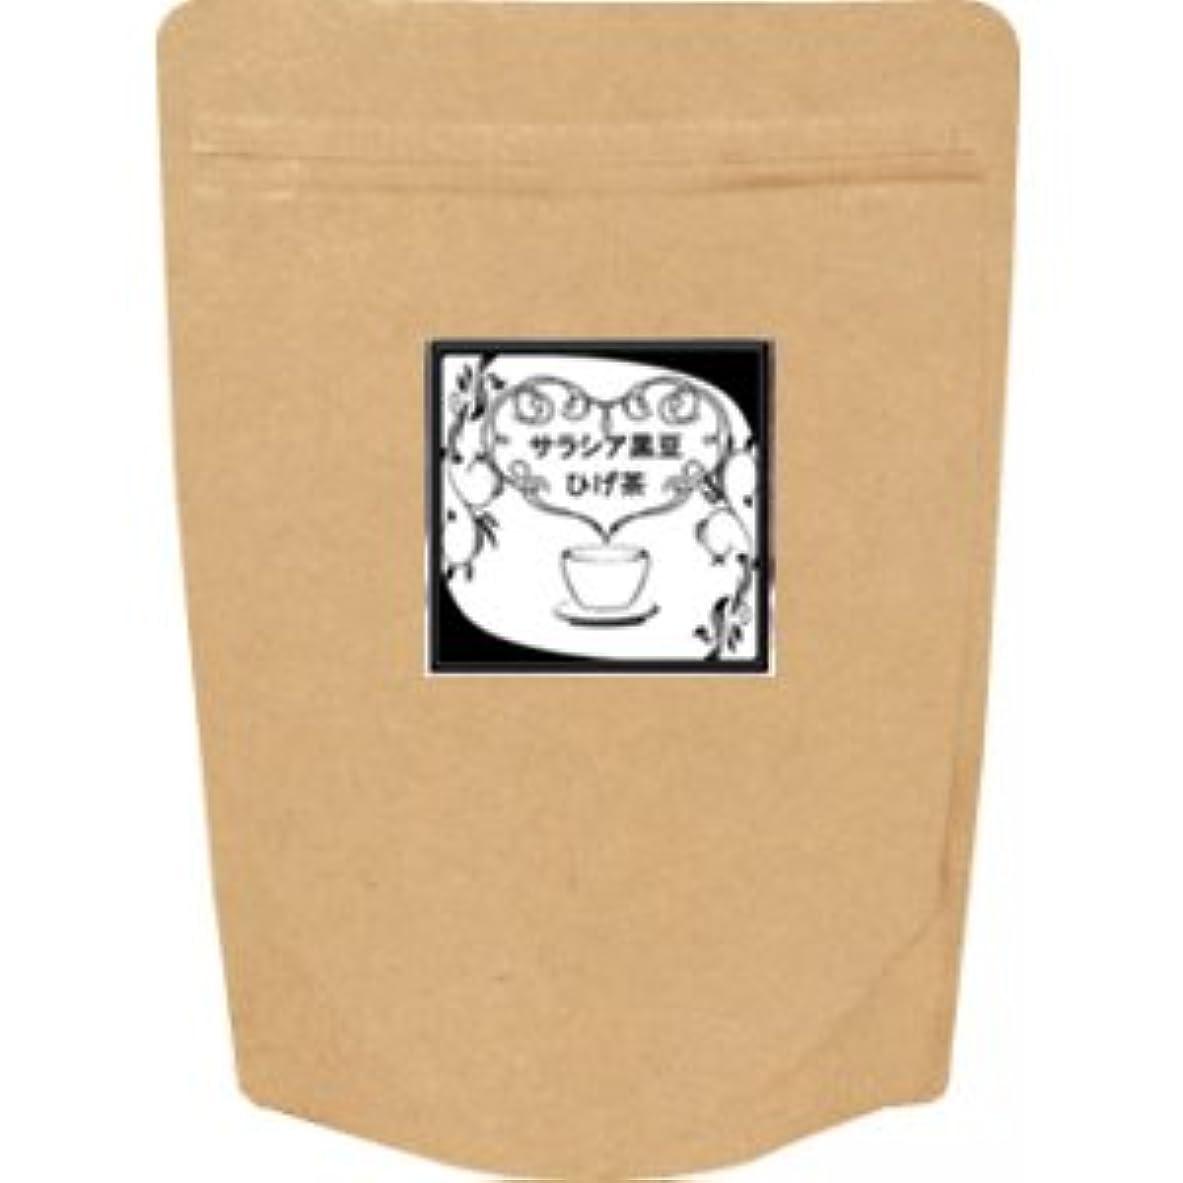 応答指標キャッチ【抗糖花】サラシア黒豆ひげ茶(お徳用ティーバッグ100ヶ)